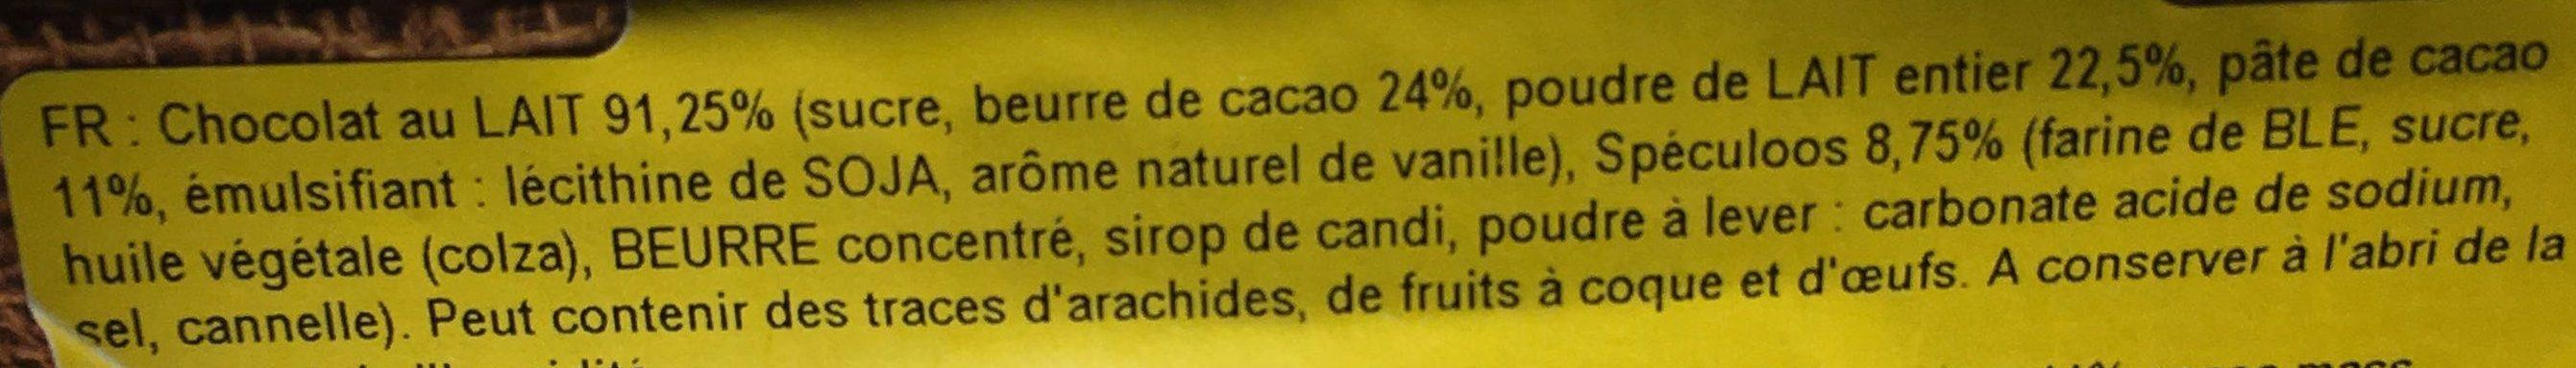 Chocolat au lait - Spéculoos - Ingrediënten - fr